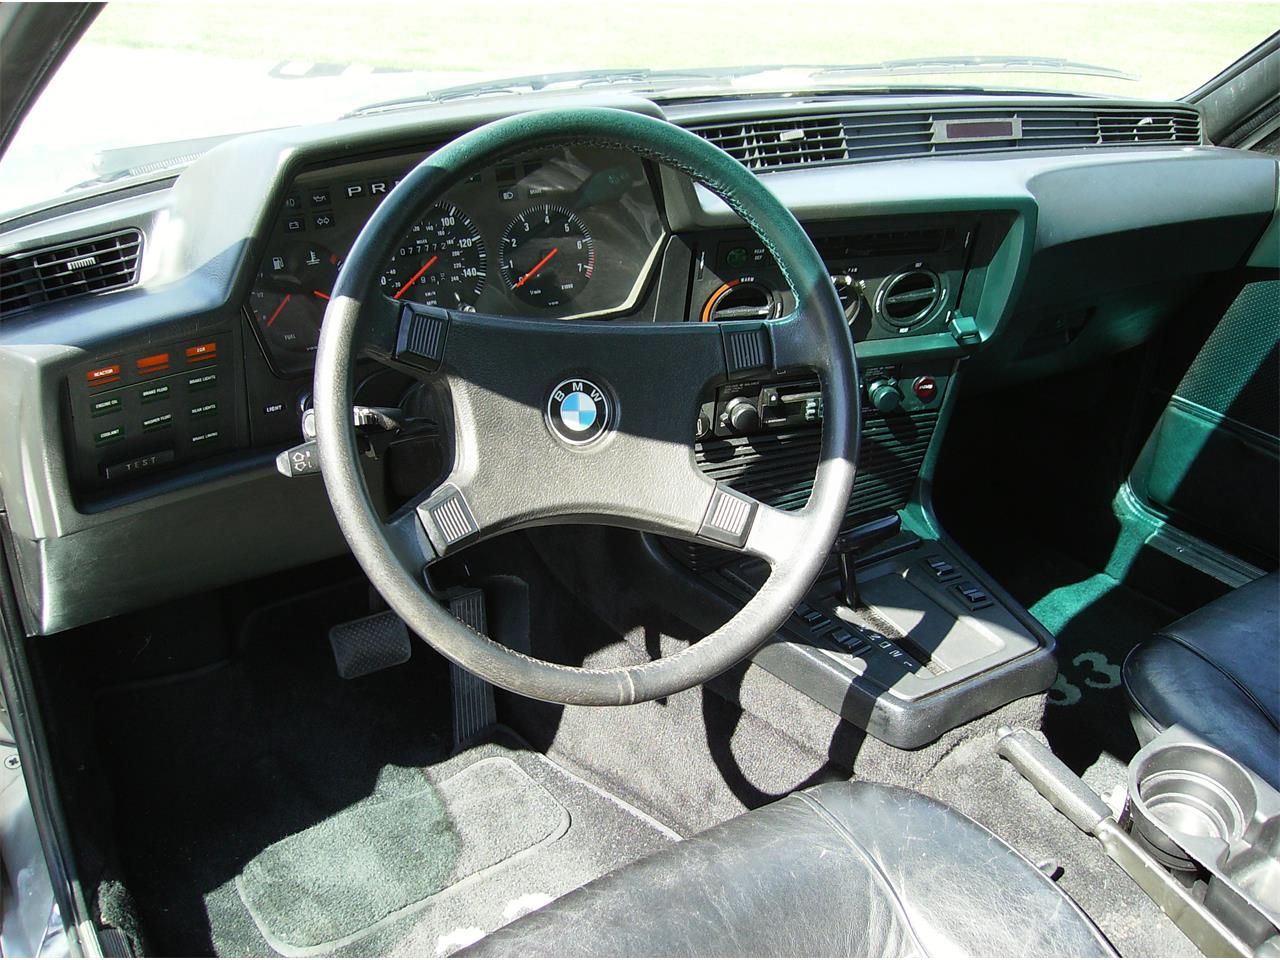 1979 BMW 633csi (CC-1190108) for sale in Richland, Washington